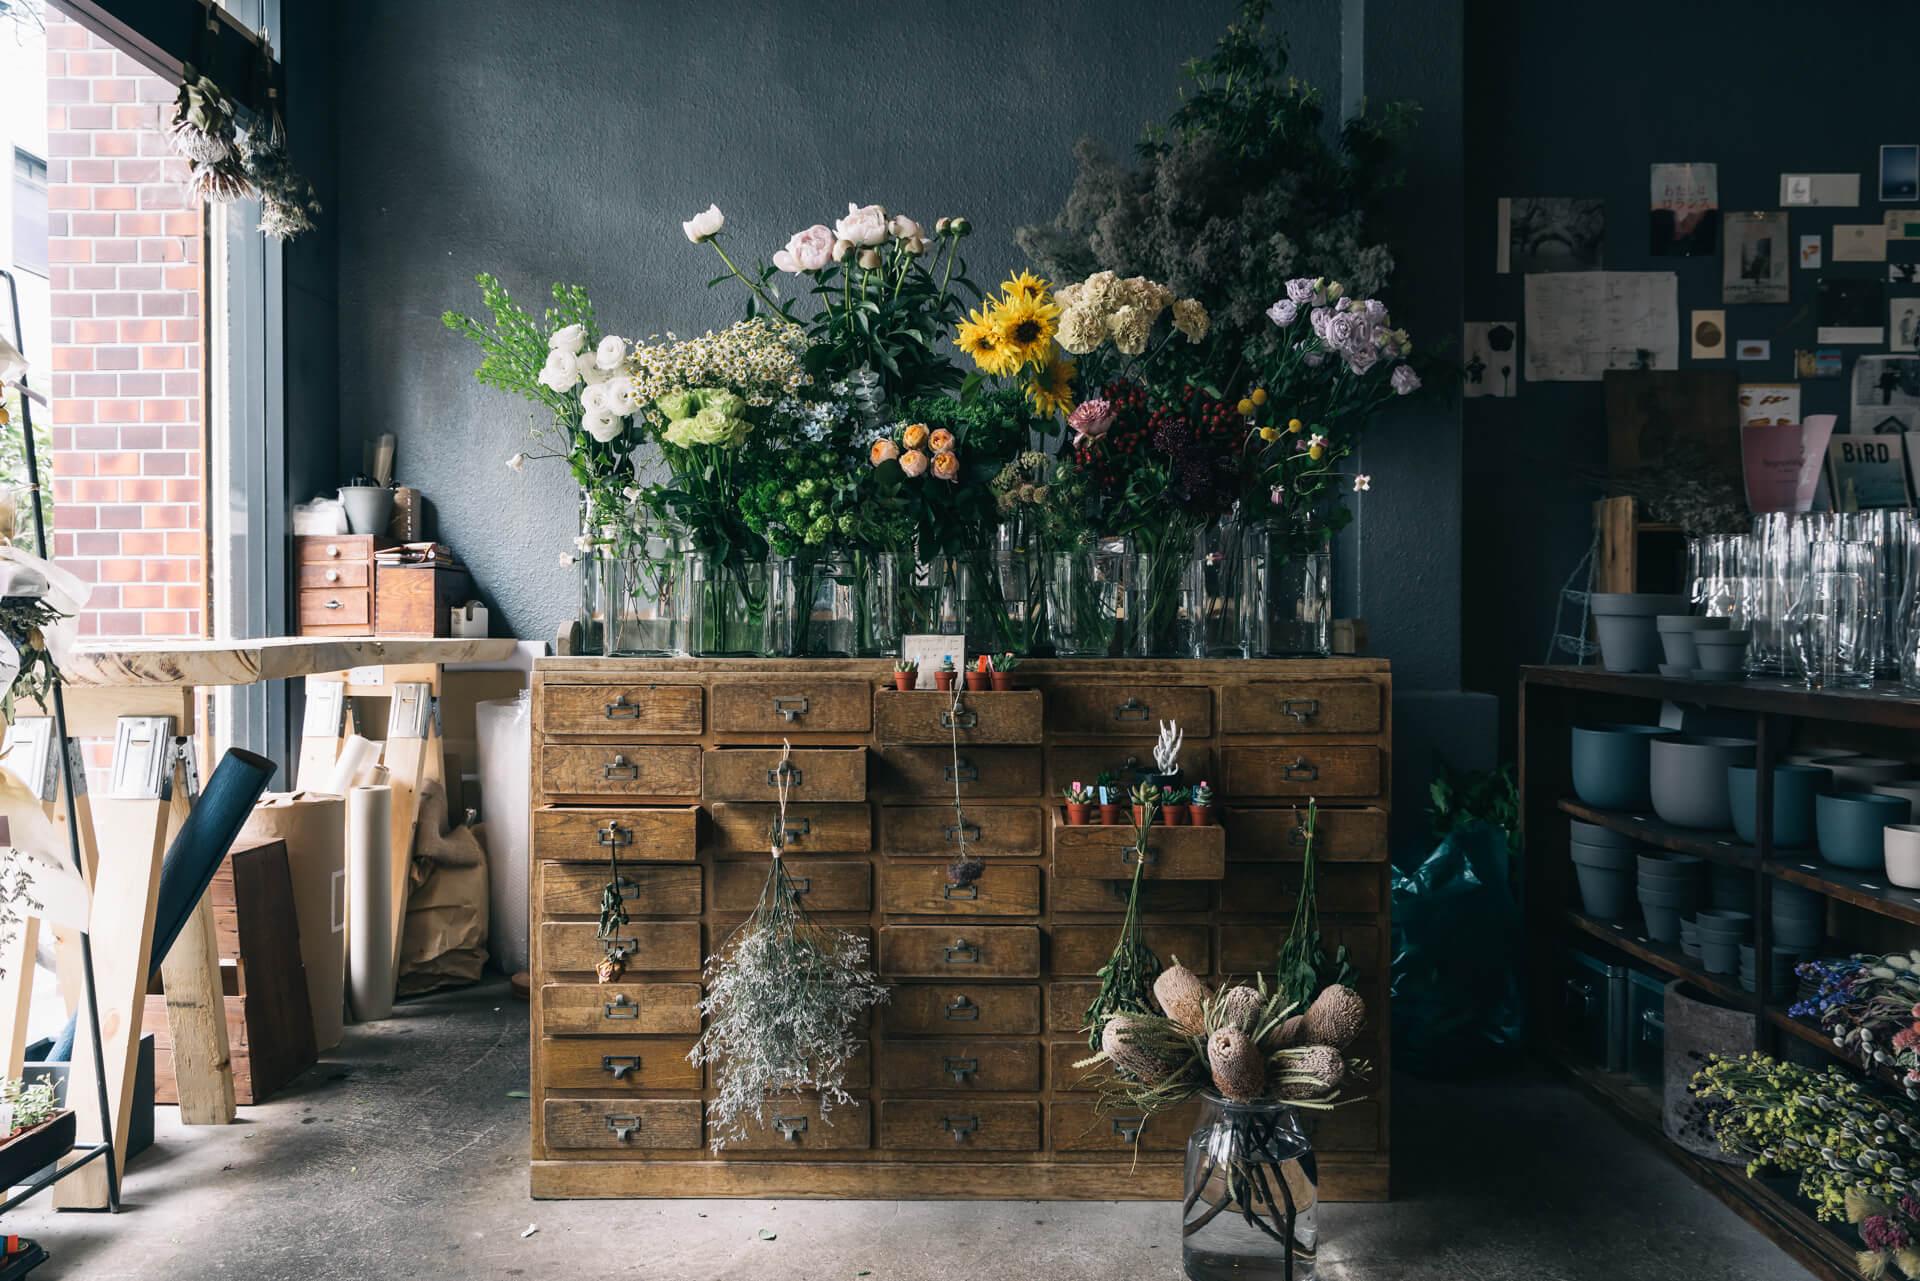 ストーリーのある花との暮らしを提案する『ex. flower shop & laboratory』(東京・蔵前)